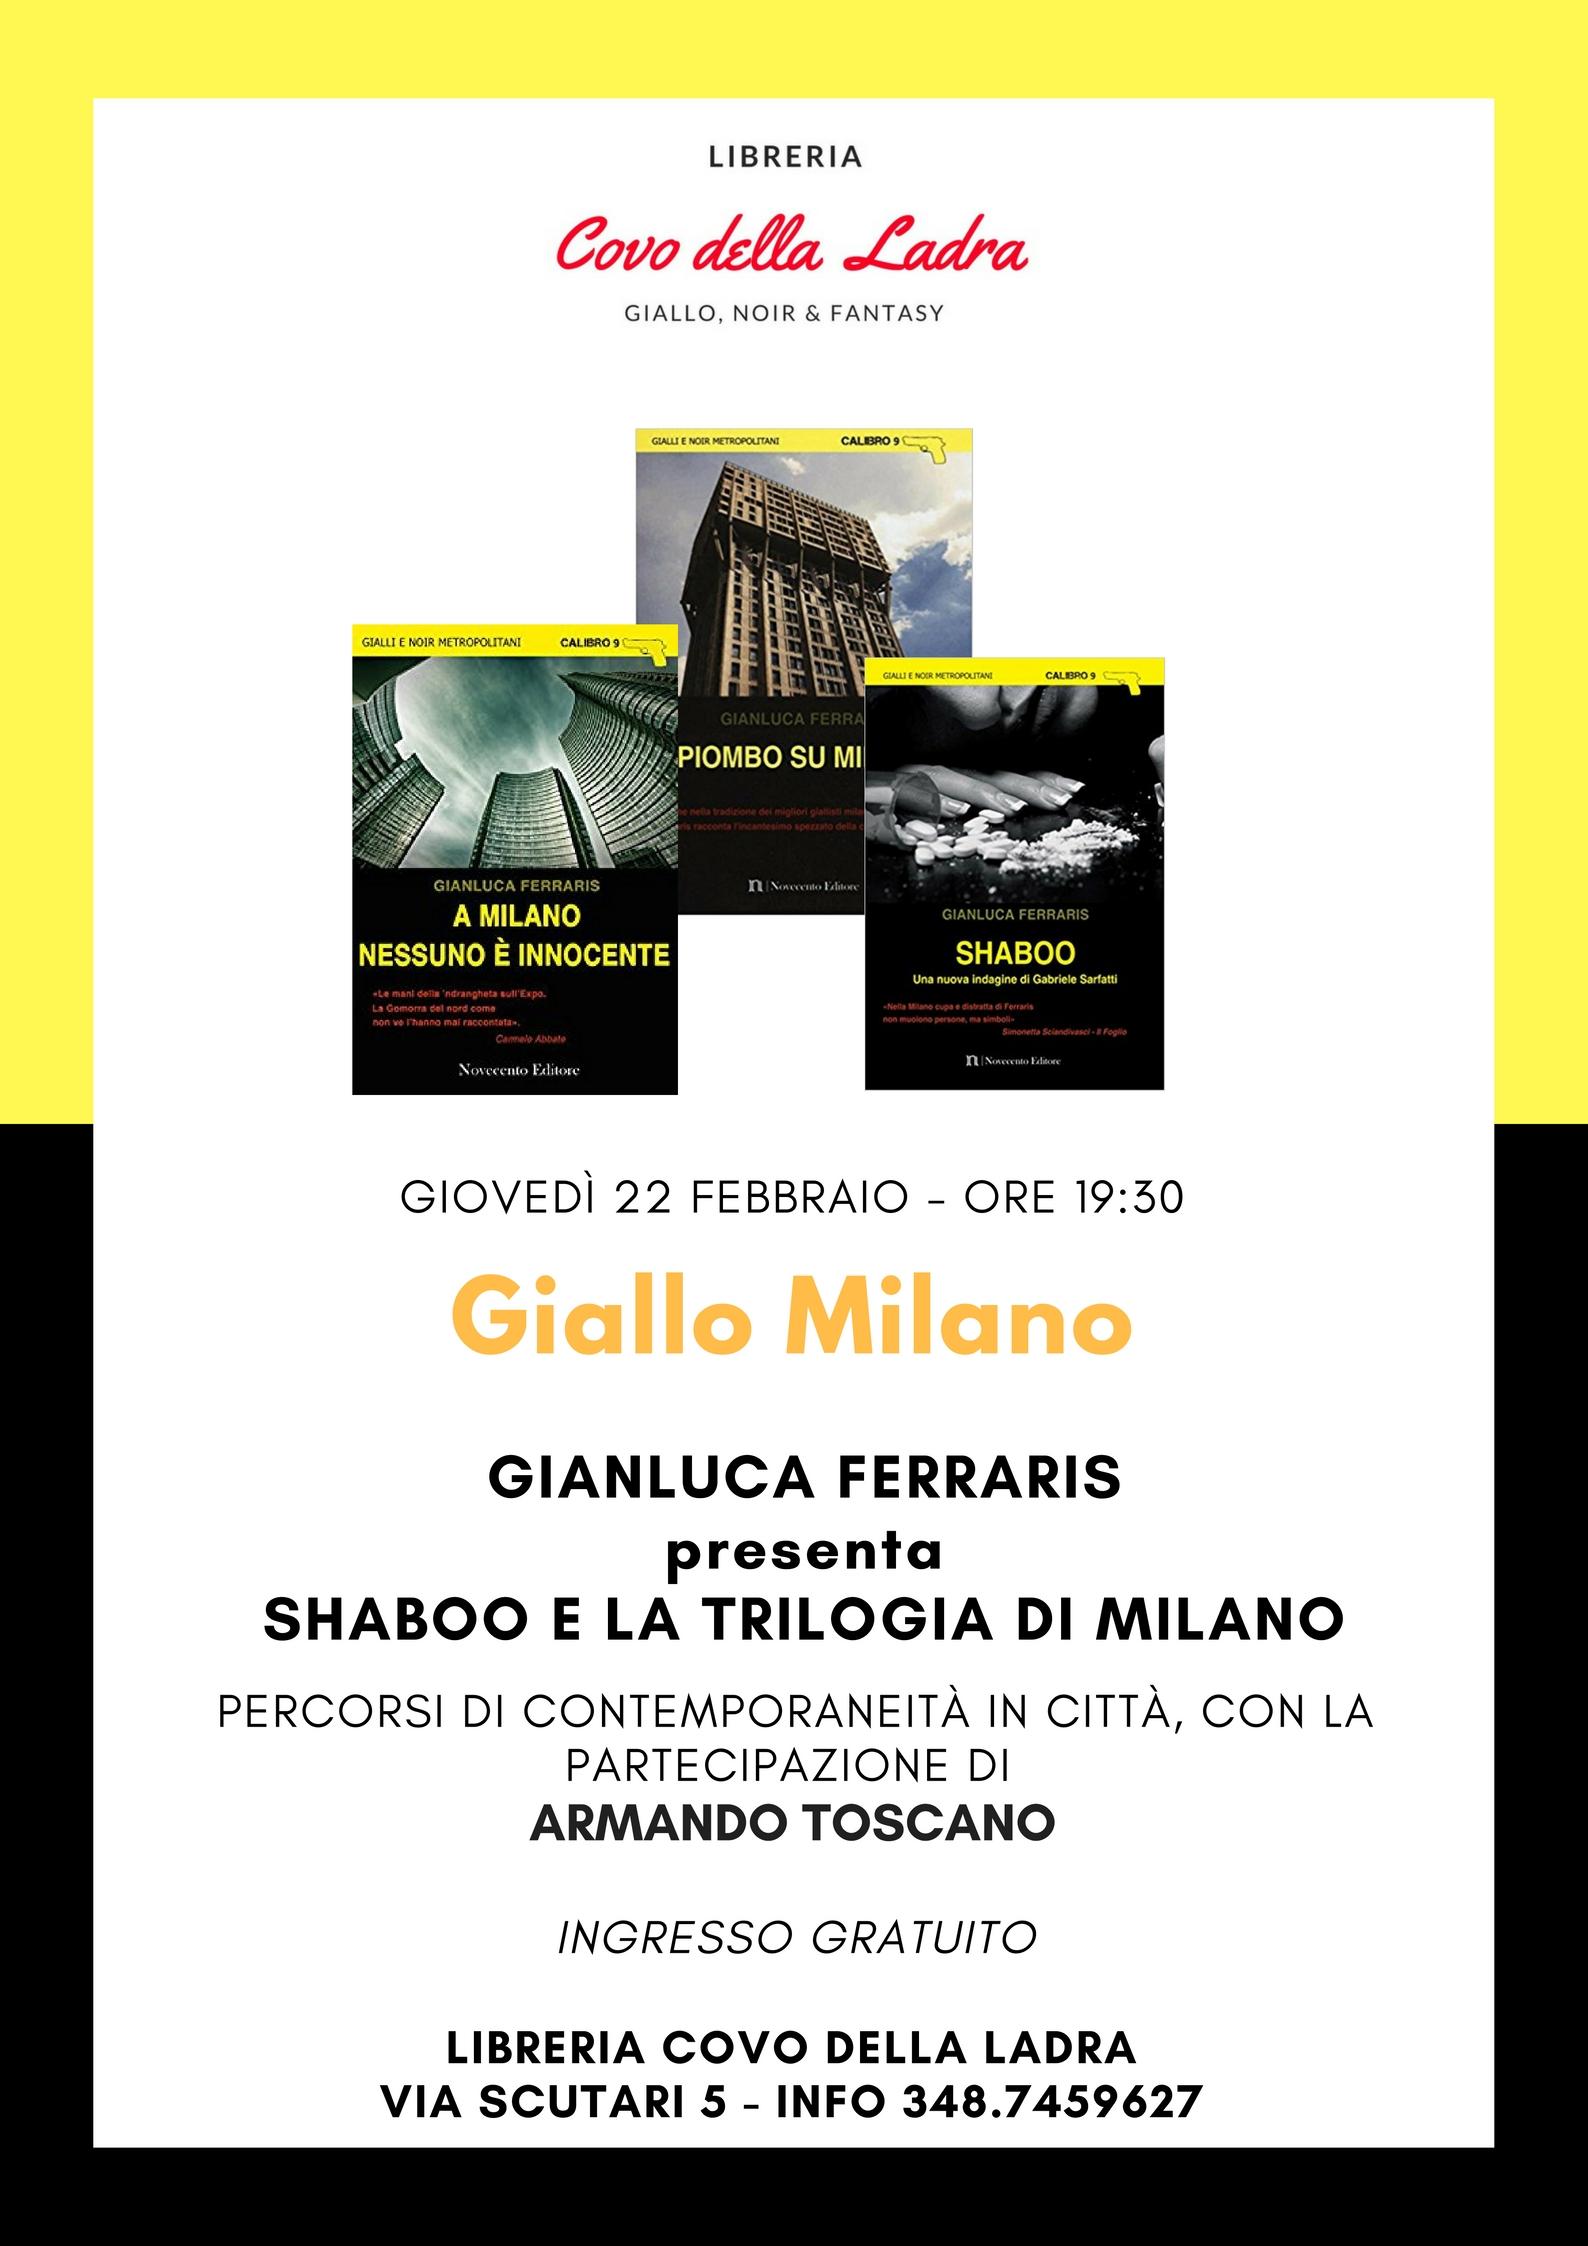 """Gianluca Ferraris presenta """"Shaboo e la trilogia di Milano"""" con Armando Toscano"""